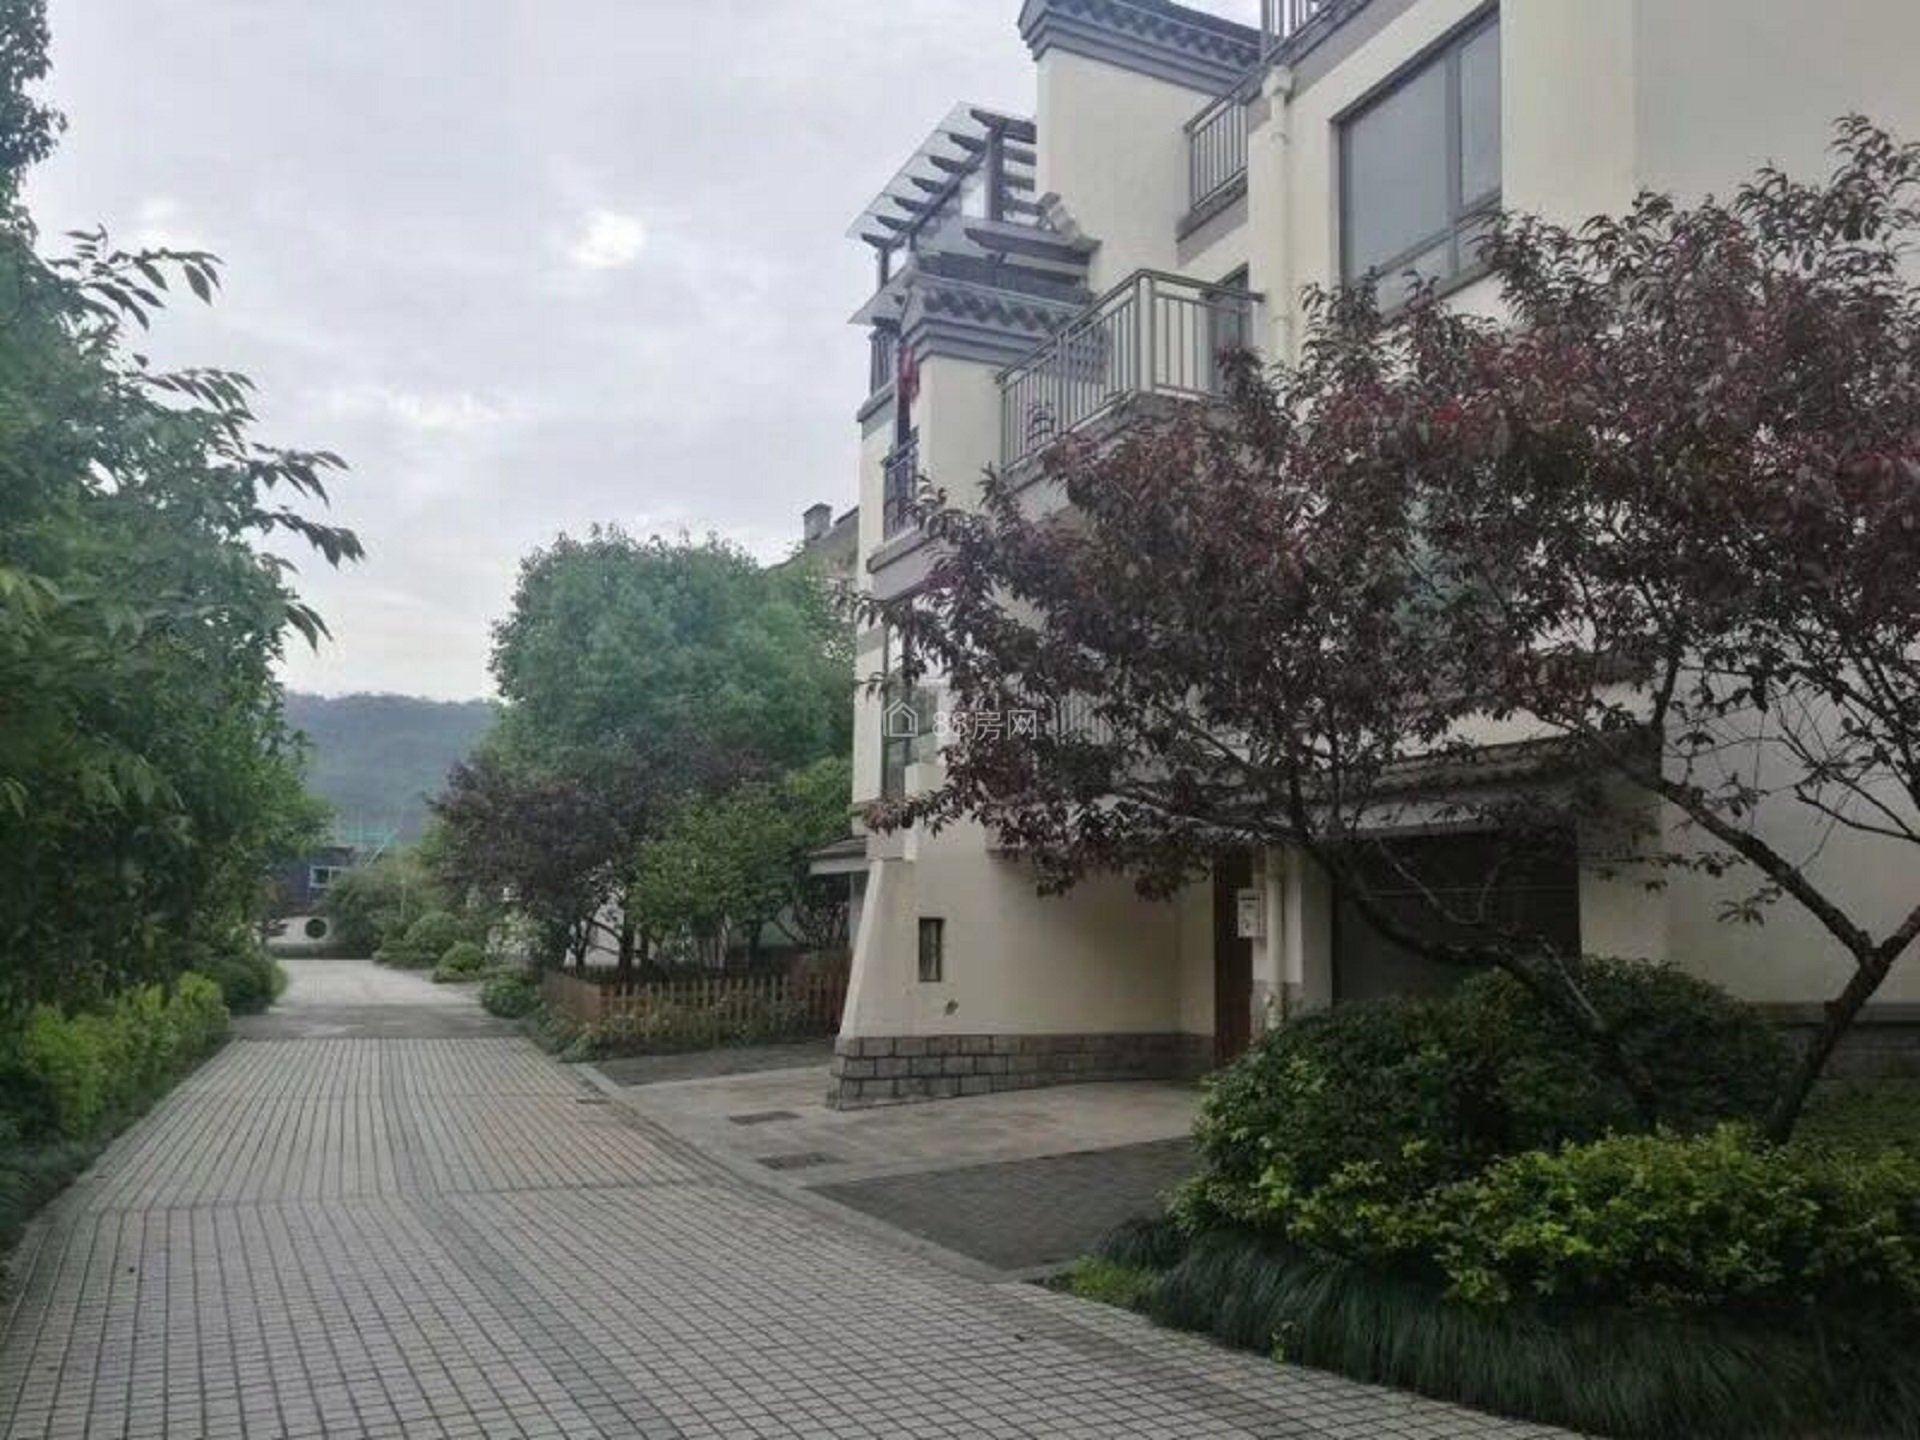 绿城龙王溪小镇,此房已经做了托管,着急出国与家人团聚底价出售